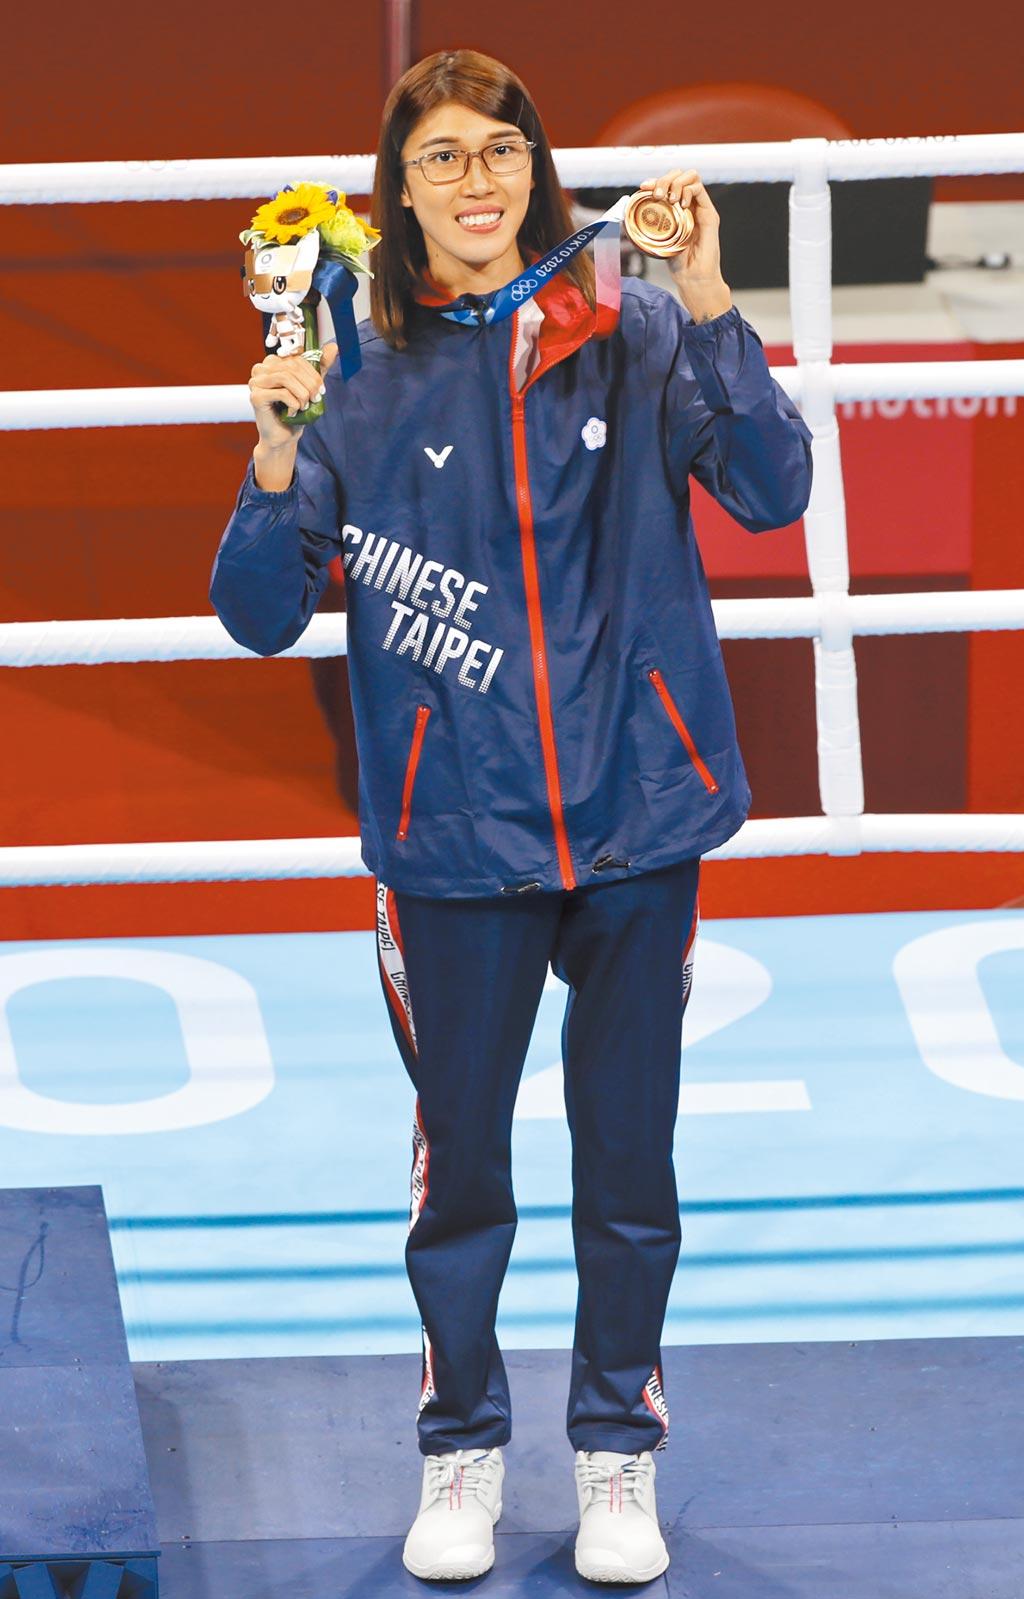 東京奧運7日進行拳擊項目的頒獎典禮,中華隊黃筱雯在51公斤級奪得銅牌,興奮地展示獎牌。(季志翔攝)